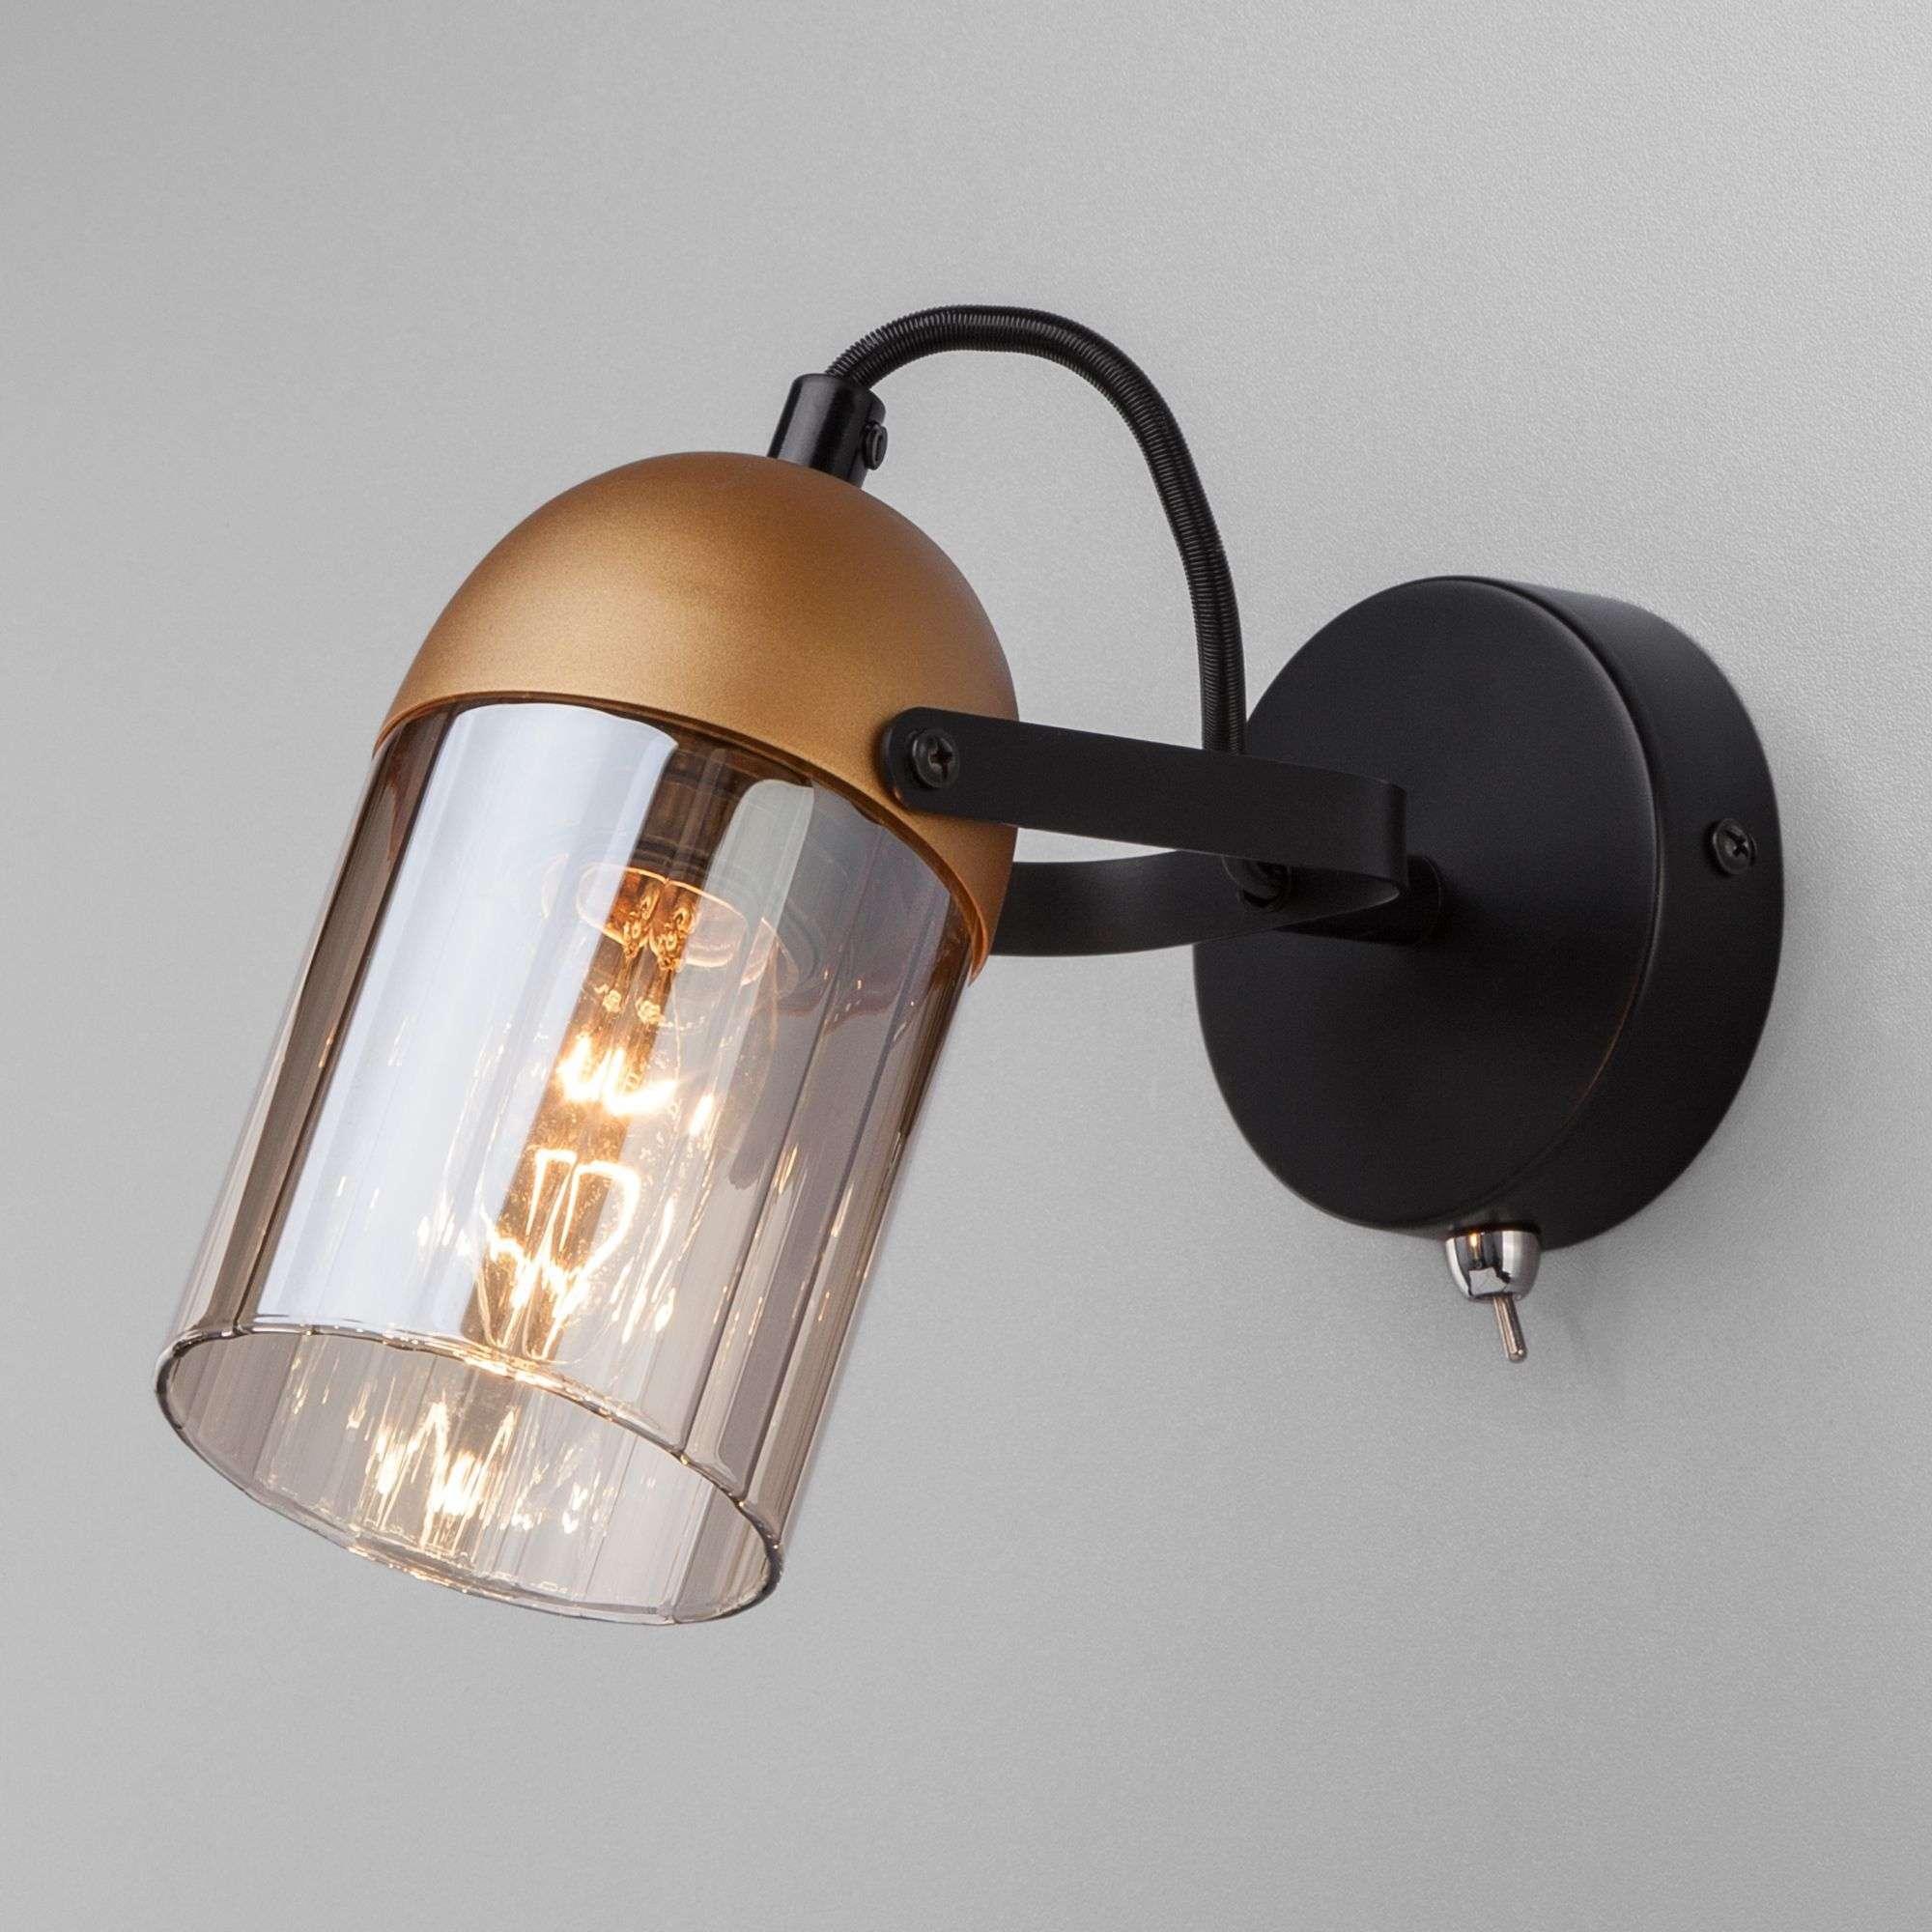 Настенный светильник с поворотным плафоном 20122/1 черный/золото